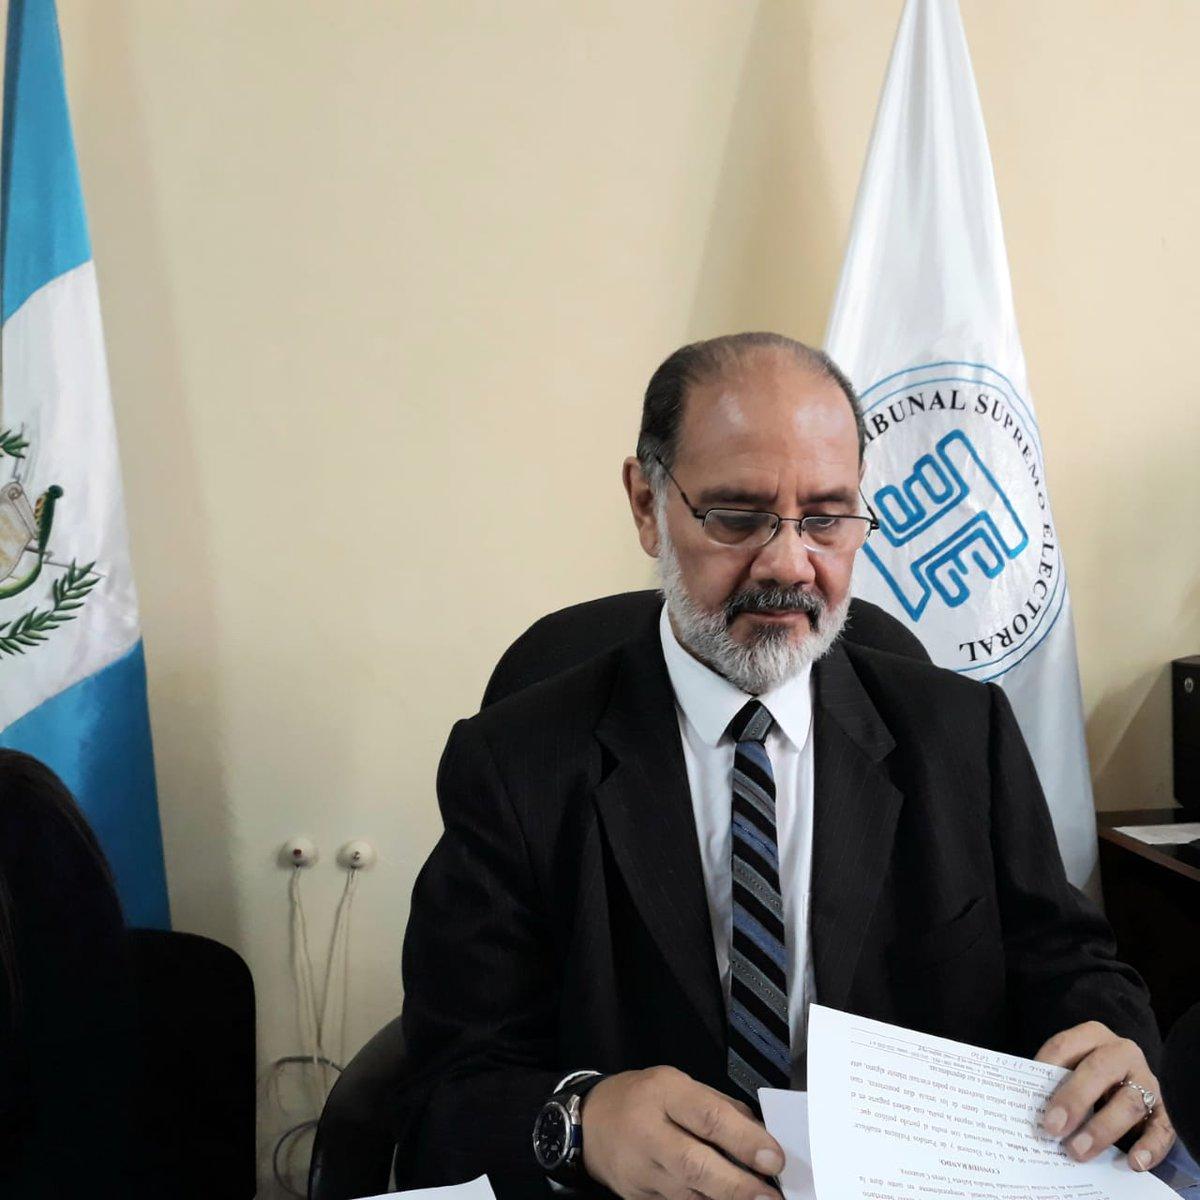 test Twitter Media - Leopoldo Guerra, Director del Registro de Ciudadanos del TSE, anuncia que se inició el proceso de cancelación de la UNE. https://t.co/1gTunqp4a3